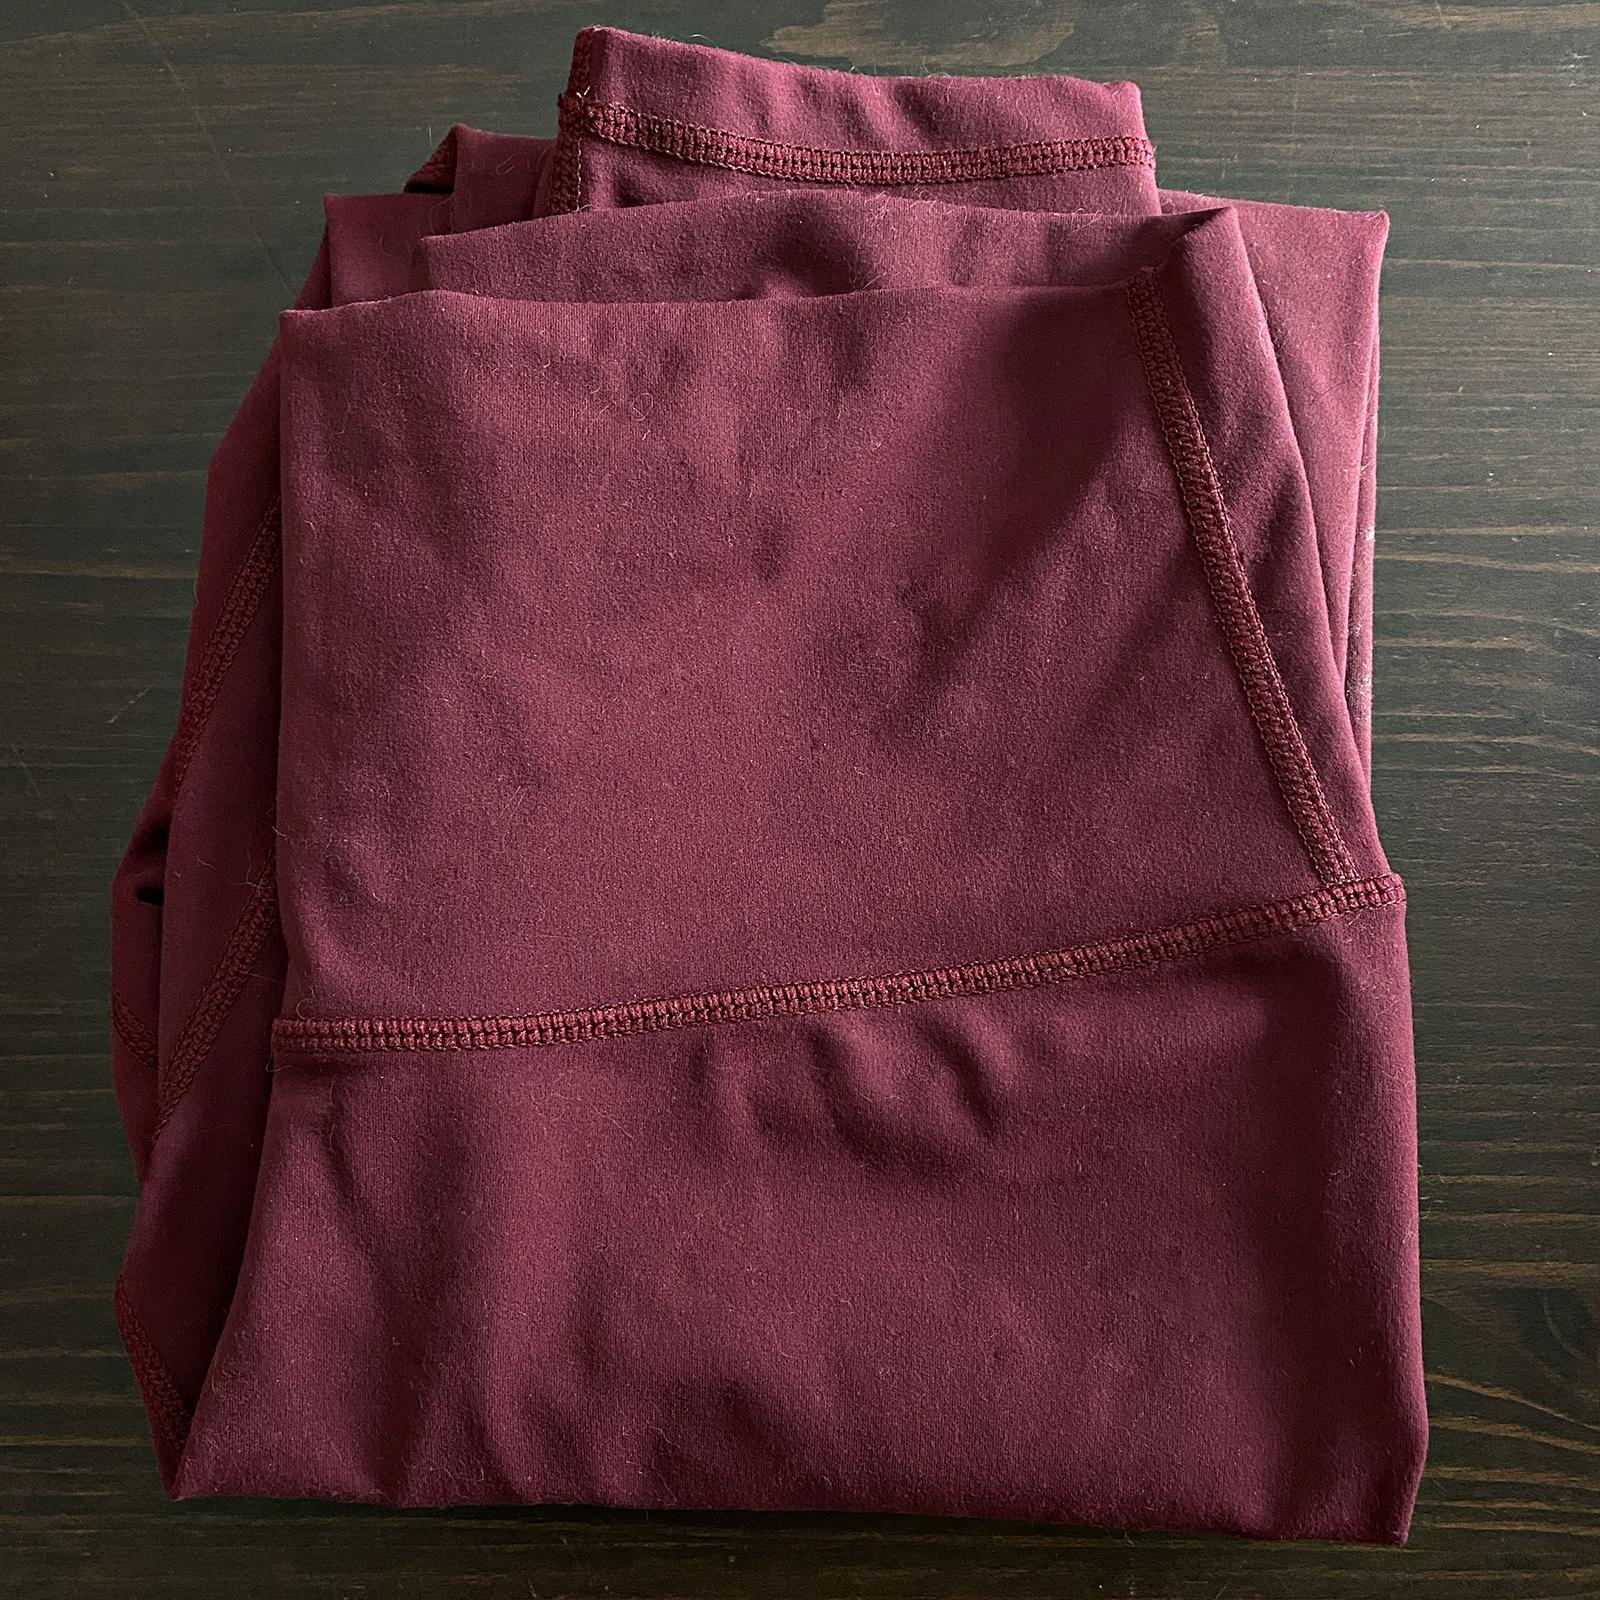 lululemon align legging alternatives - colorfulkoala